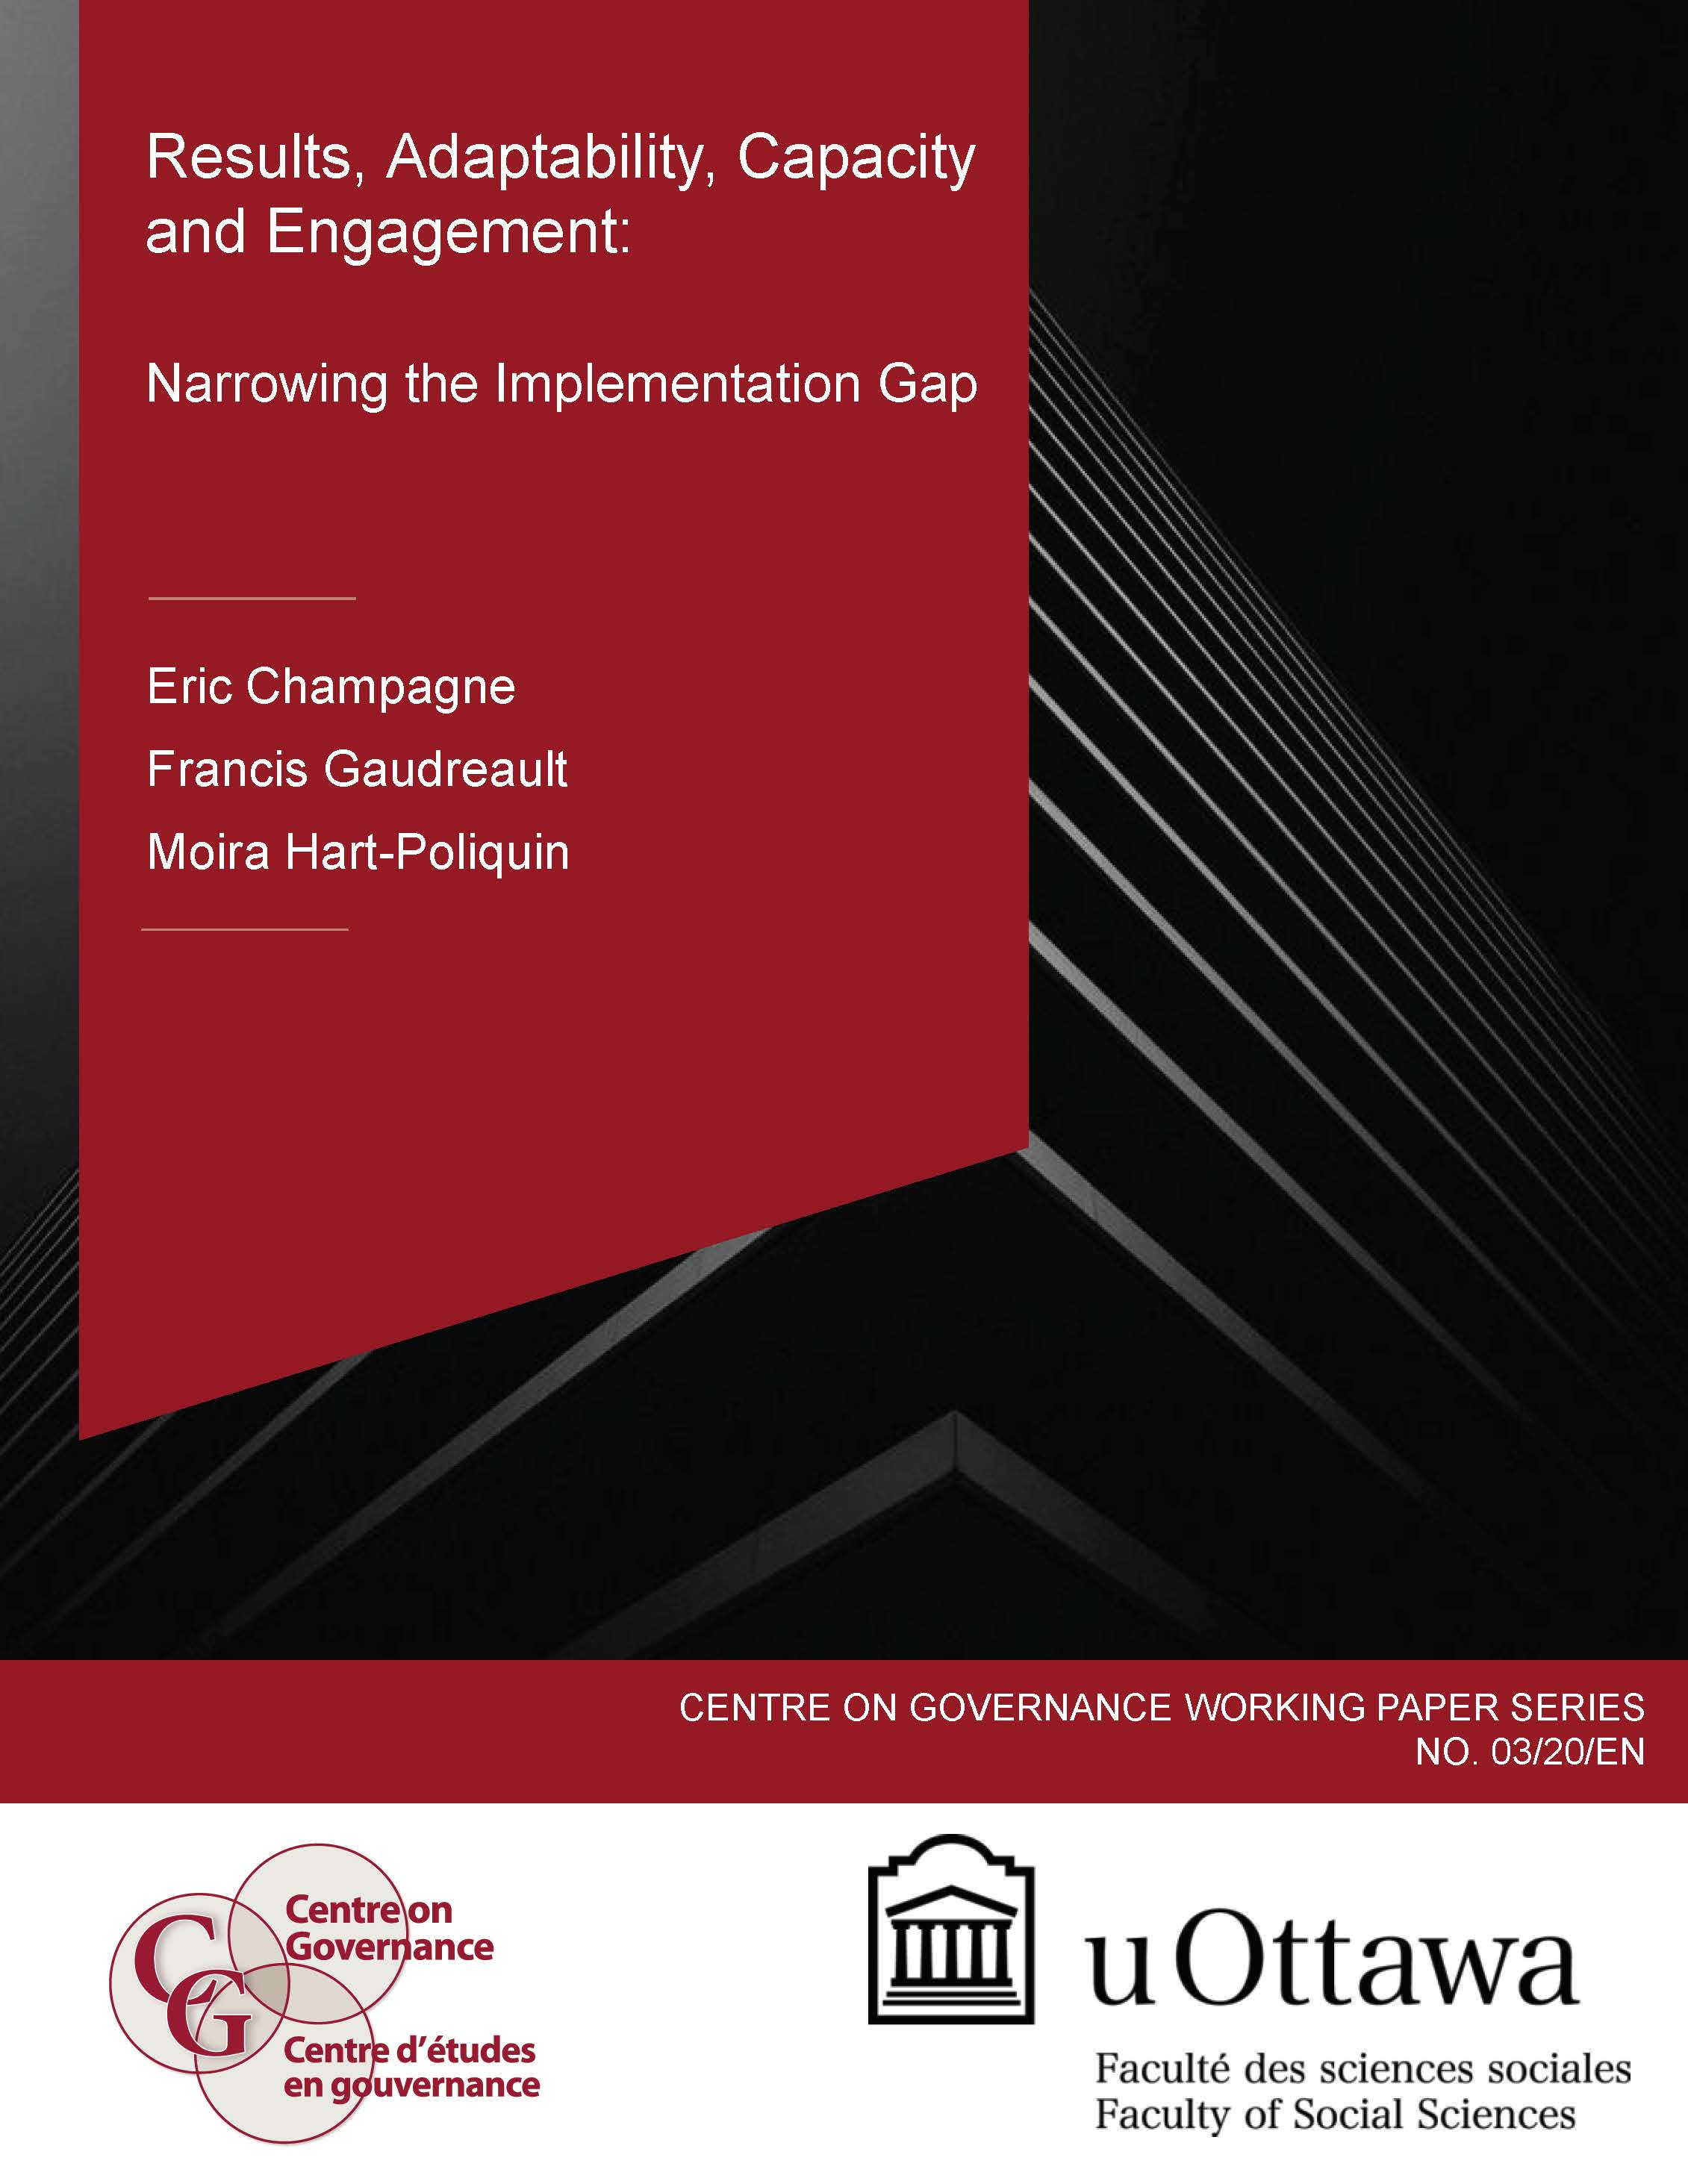 Narrowing the Implementation Gap Description